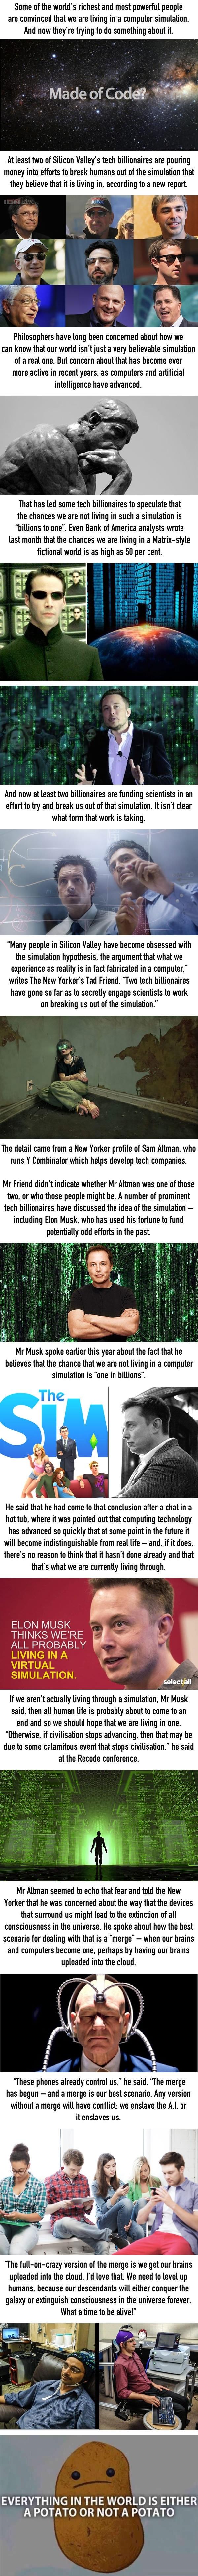 Tech billionaires are convinced we live in the matrix